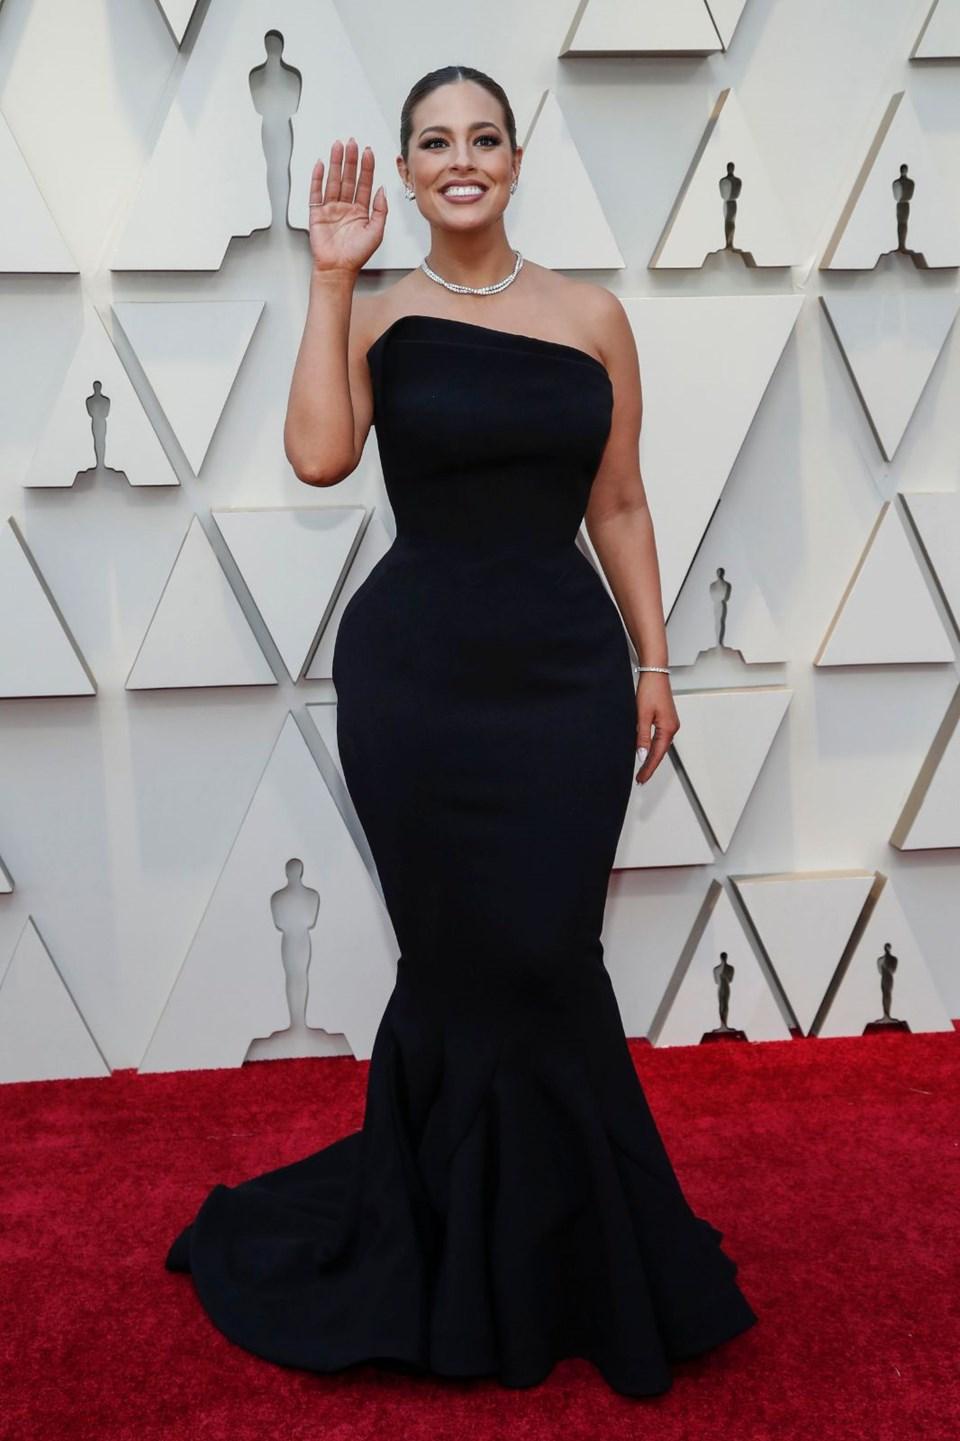 Oscar 2019, 91. Akademi Ödülleri, Oscar, Oscar Ödül Töreni, Sinema, Film, Hollywood